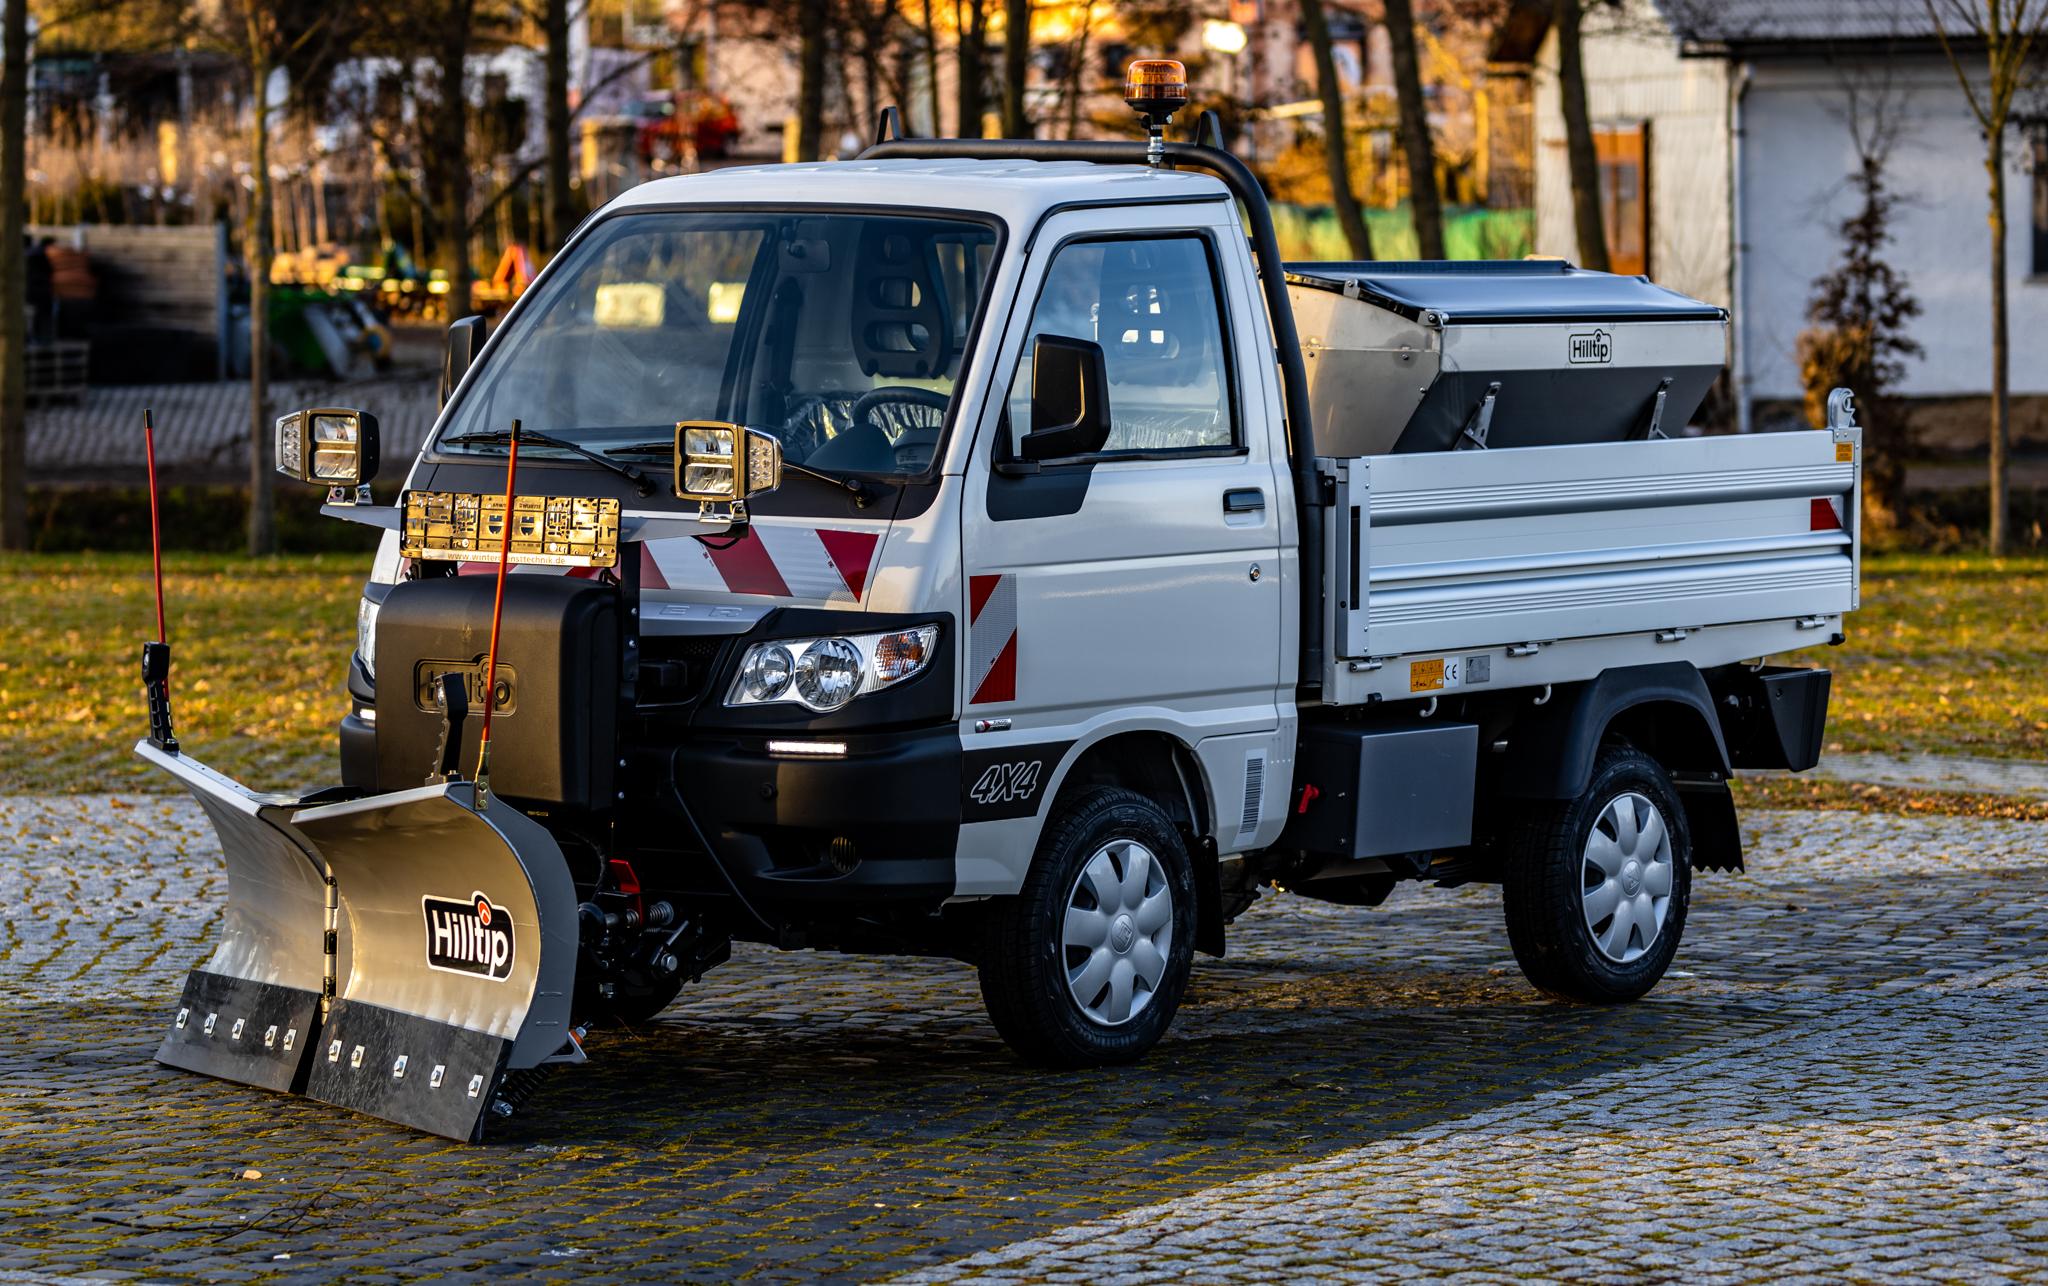 Winterdienstfahrzeuge kaufen Piaggio Porter: Hersteller, Handel, Vertrieb, Lieferant - HWNtec Winterdienstfahrzeuge